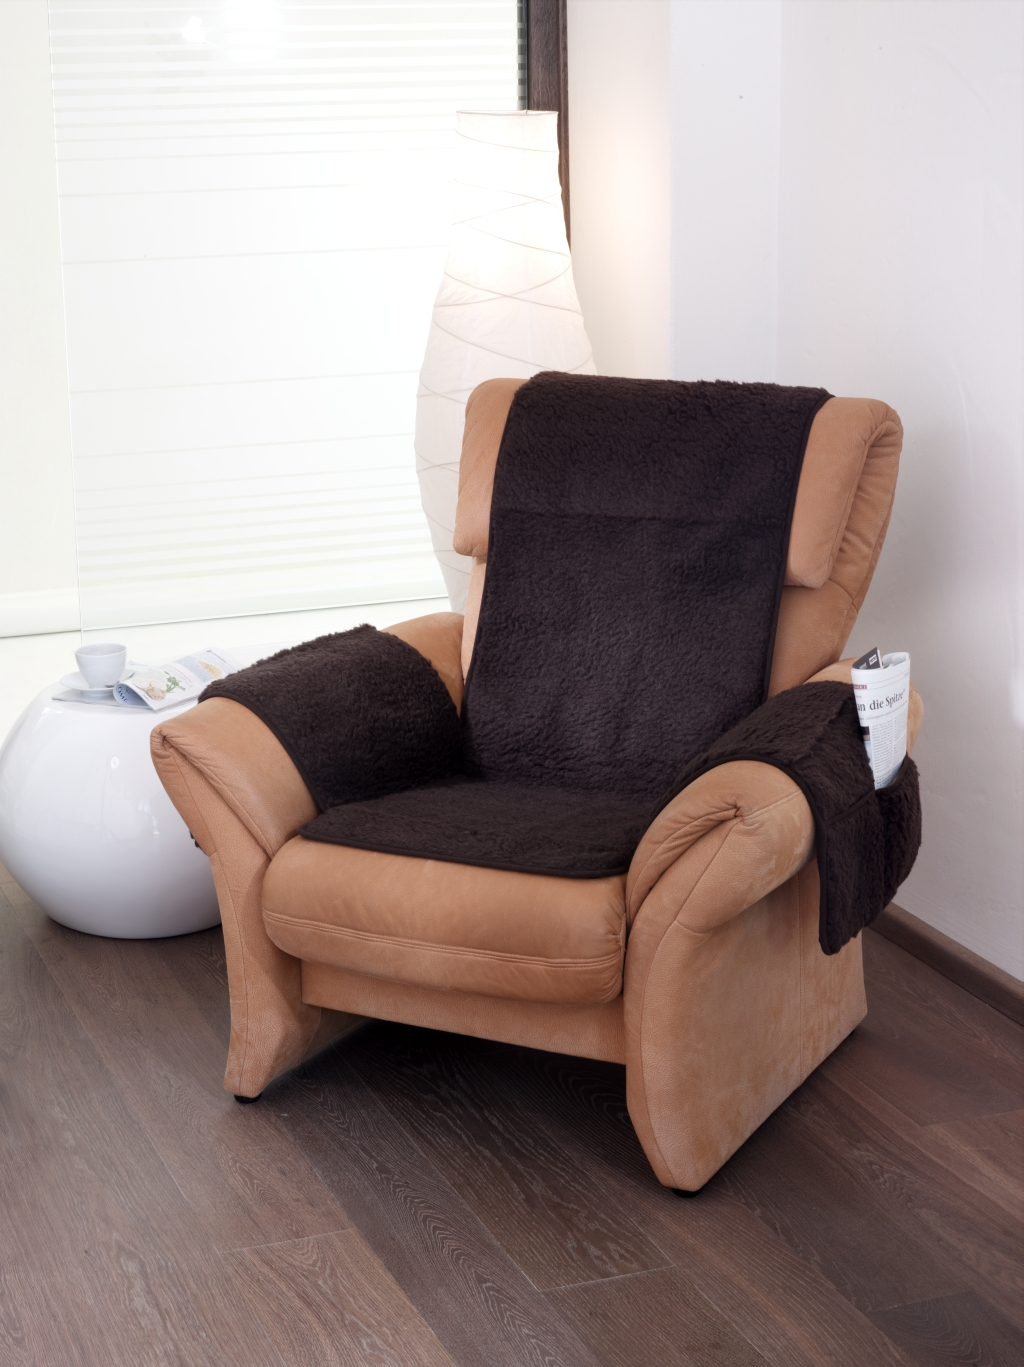 Elegantes Design in seidig-glänzender brauner Schurwolle